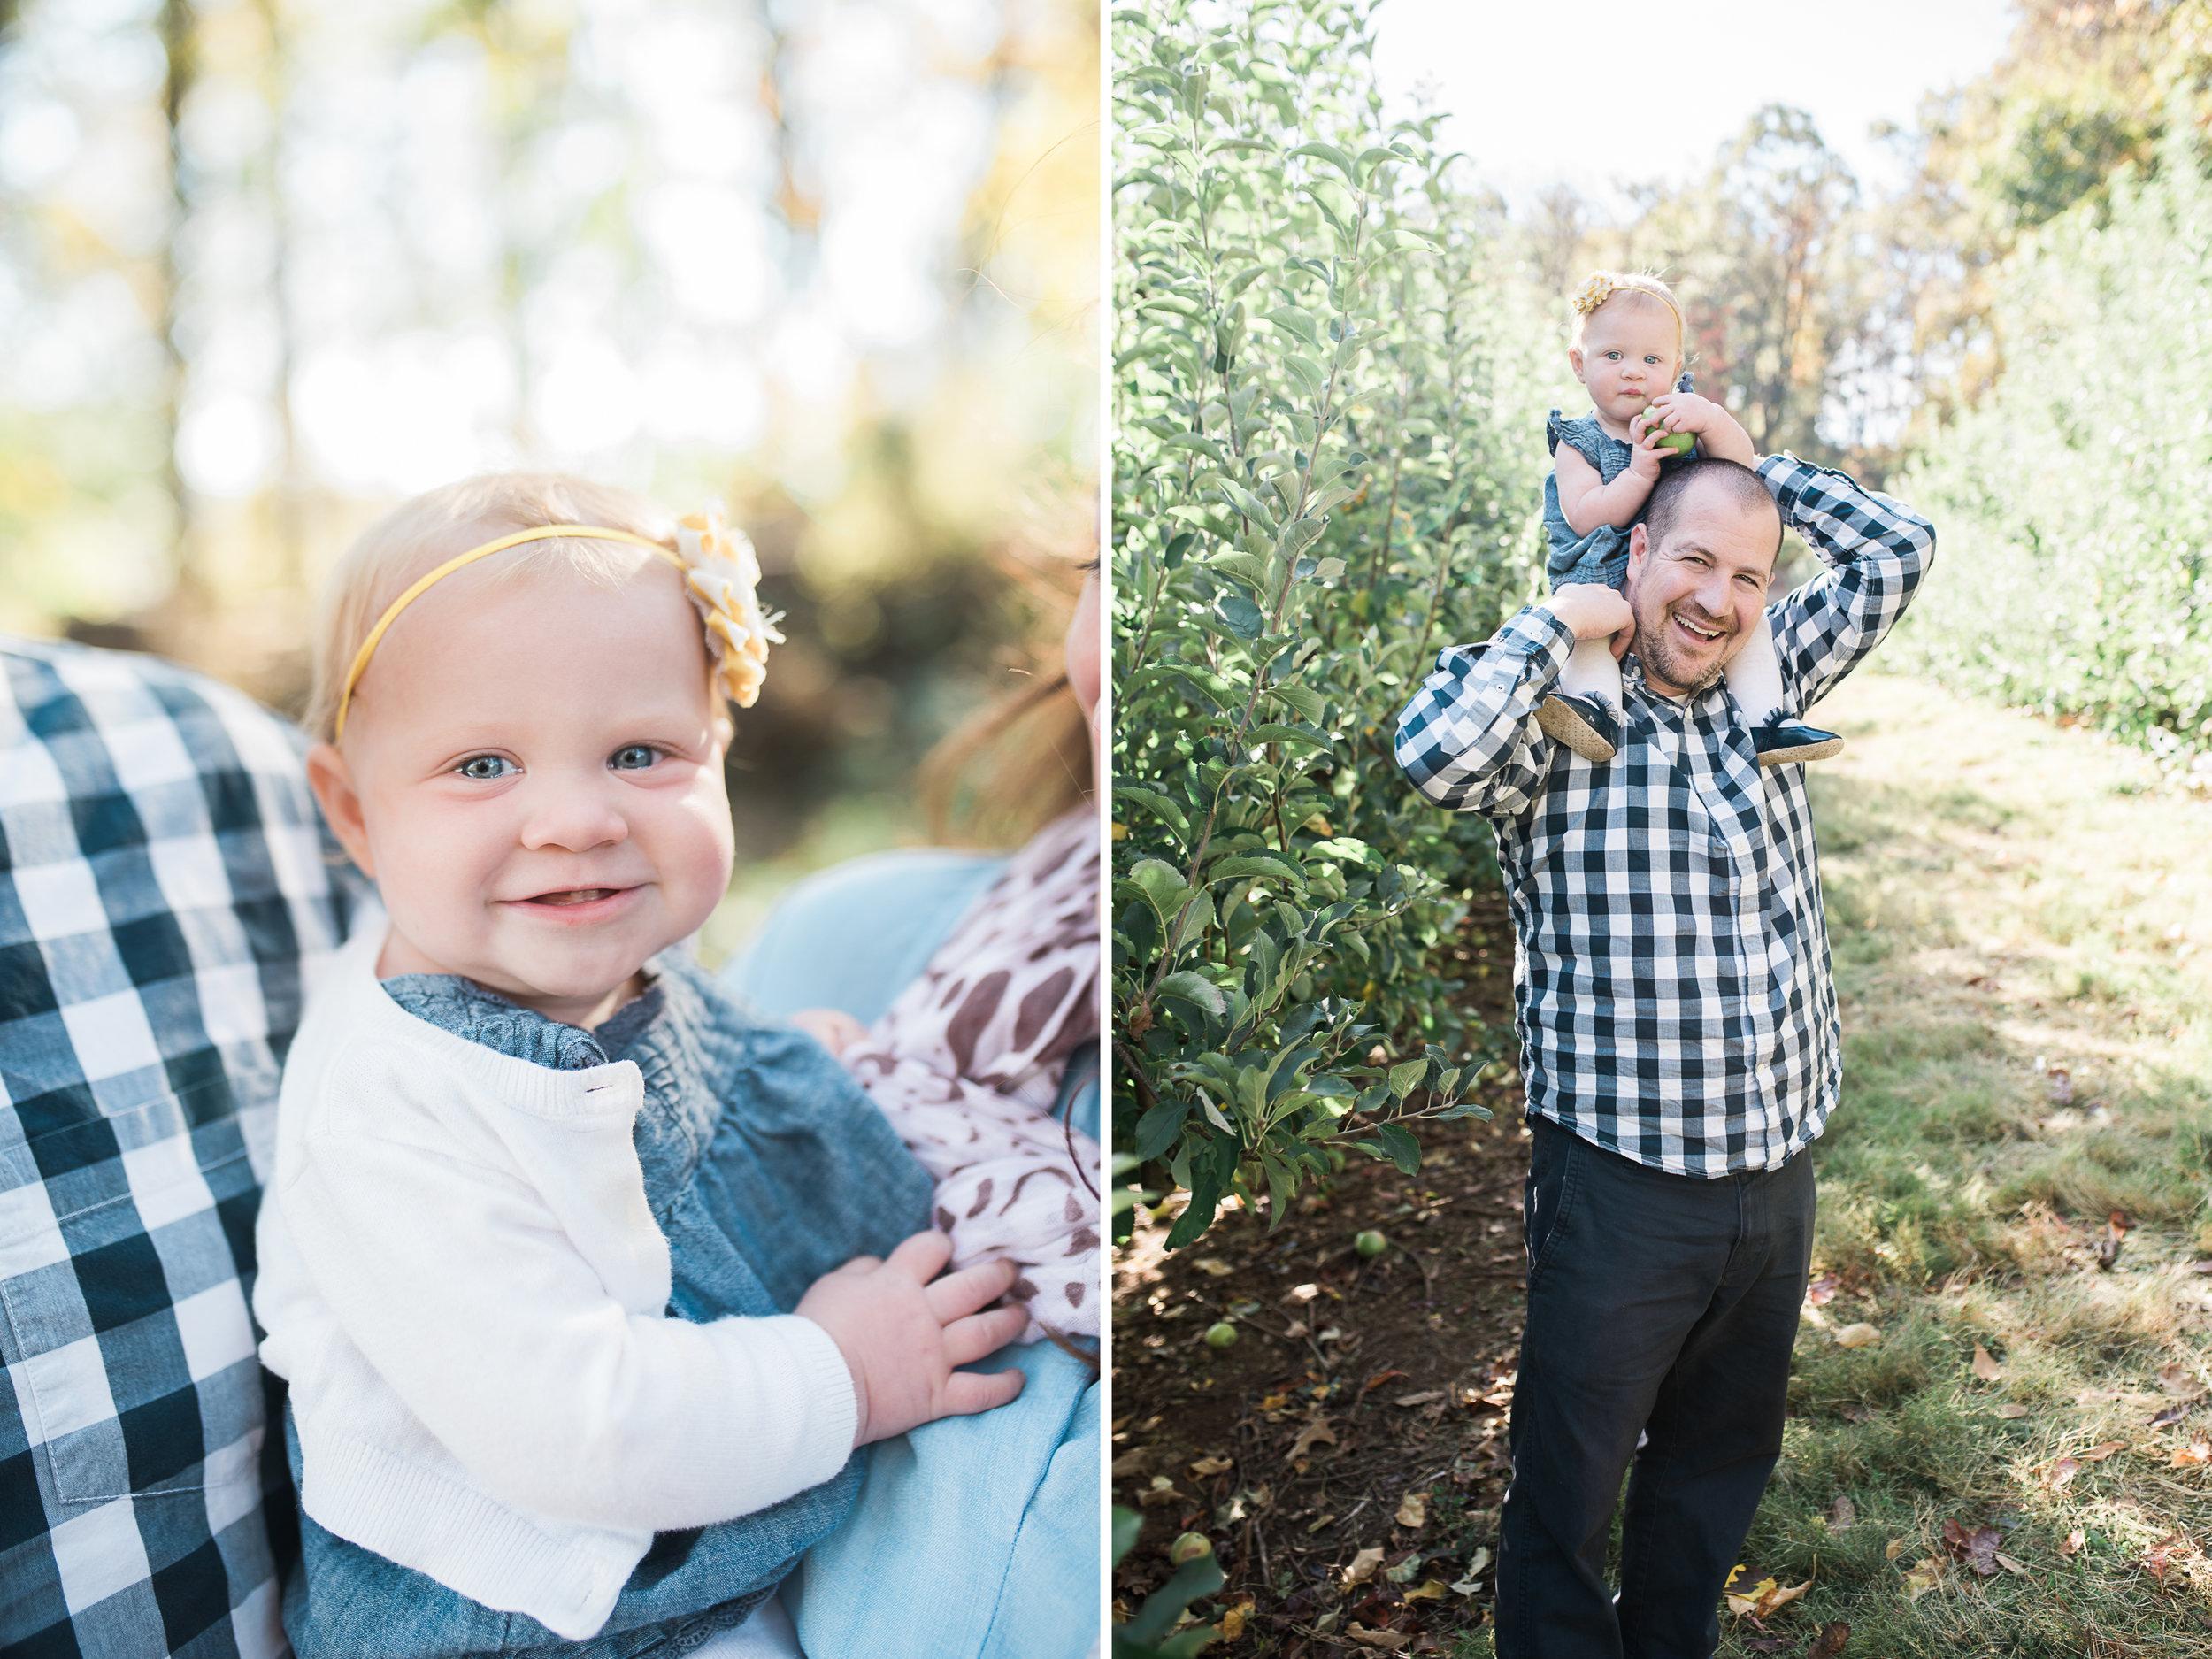 Maryland-family-photographer-lifestyle-photos-by-bklp-breanna-kuhlmann-6.jpg